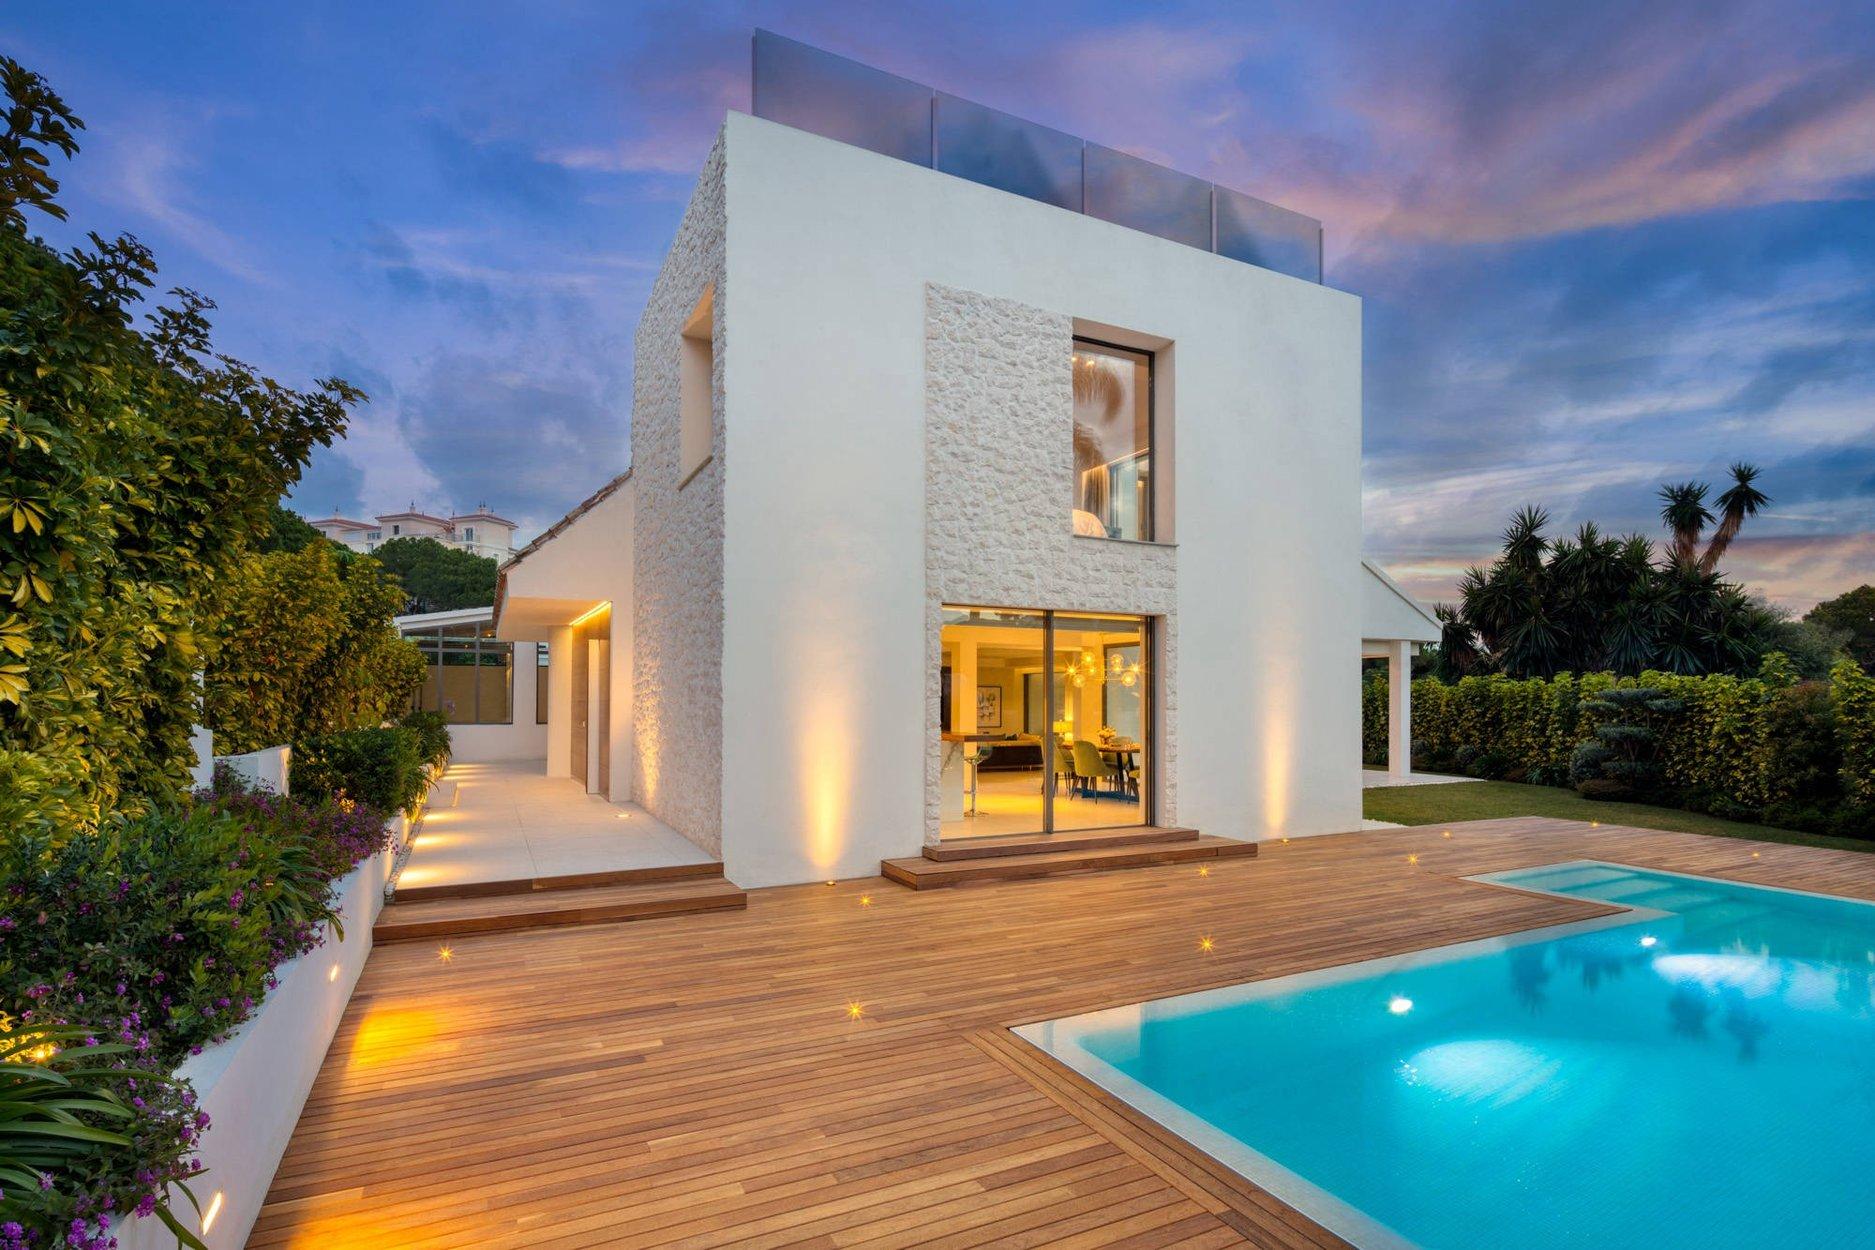 Villa att hyra i Marbella, Puerto Banus